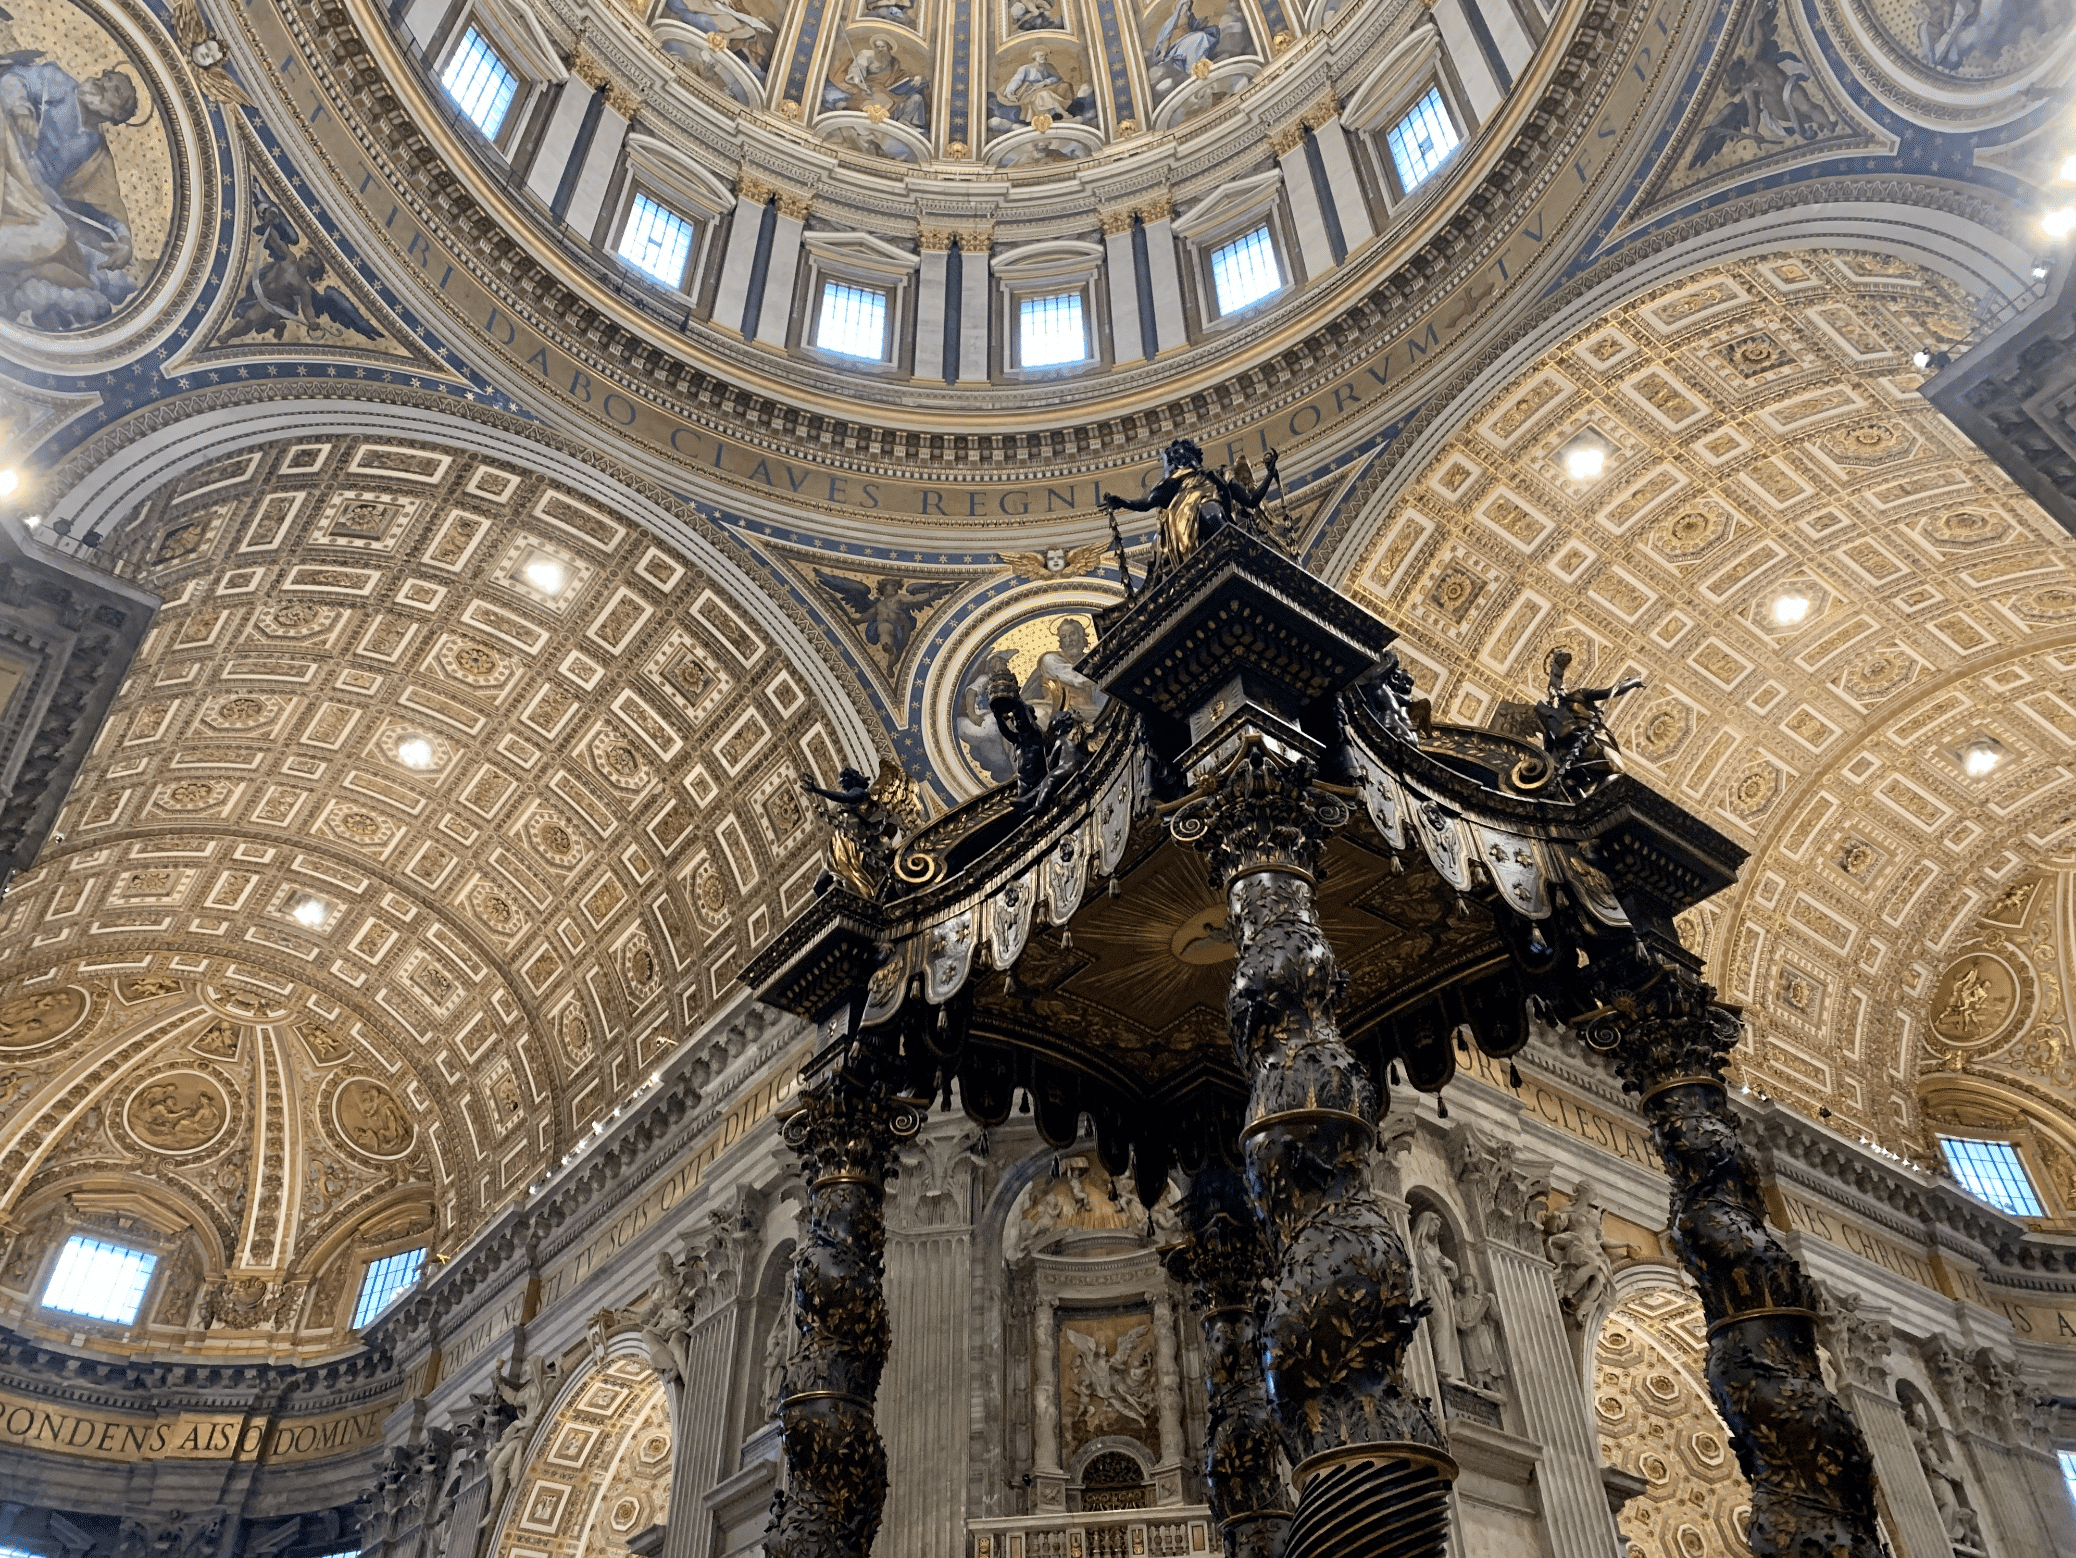 le baldaquin du bernin dans la basilique saint pierre